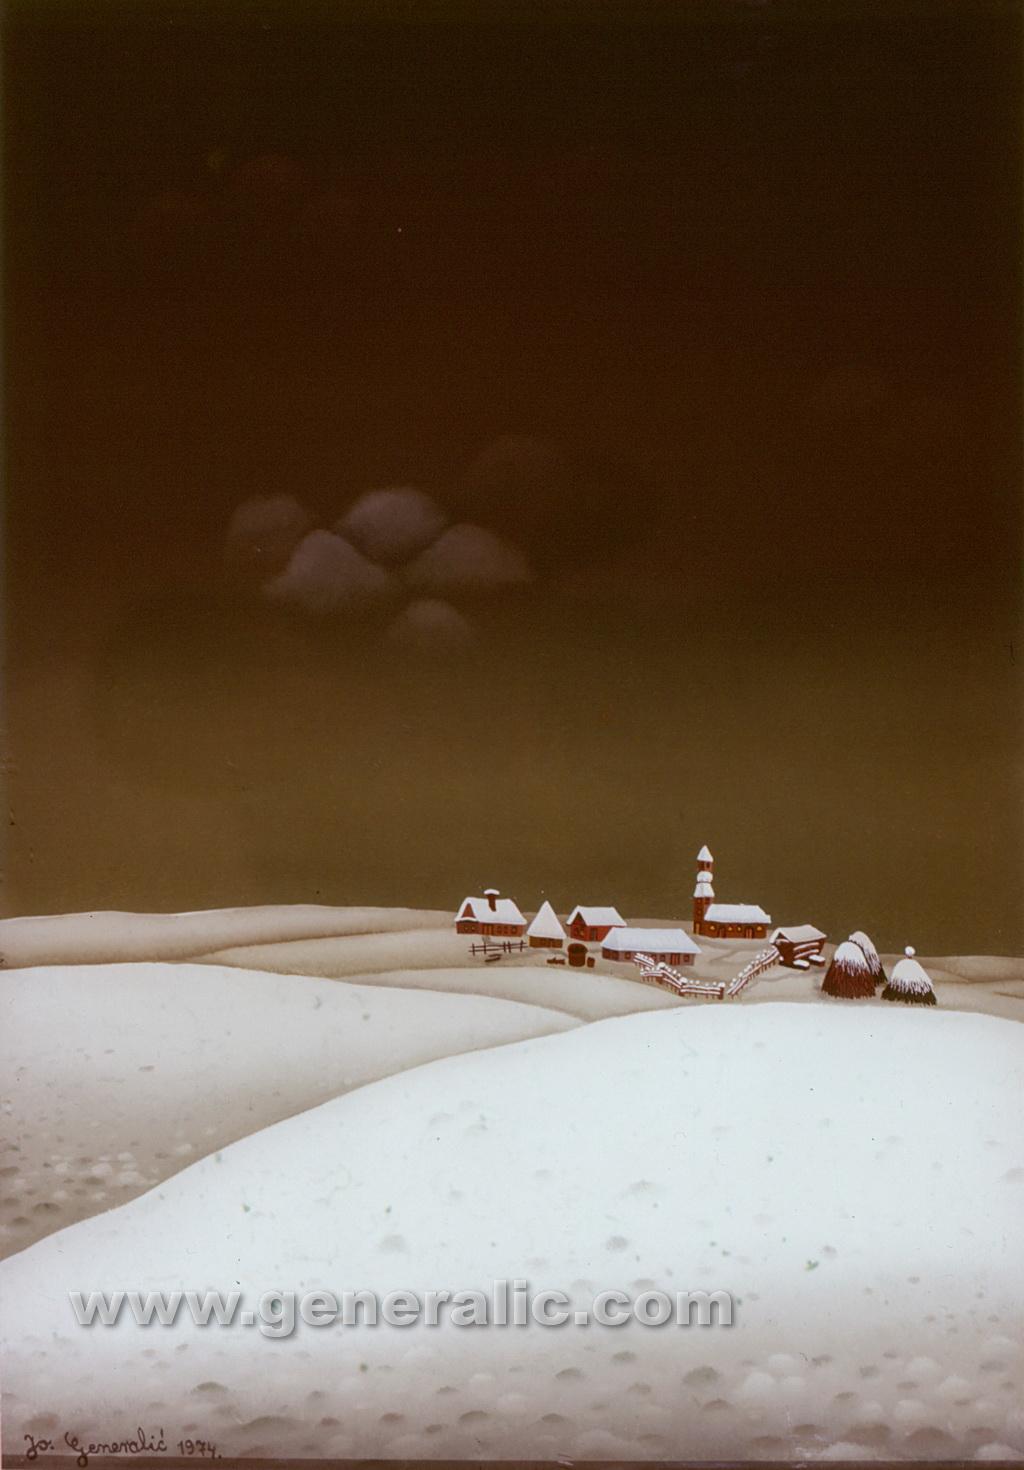 Josip Generalic, 1974, Winter landscape, oil on glass